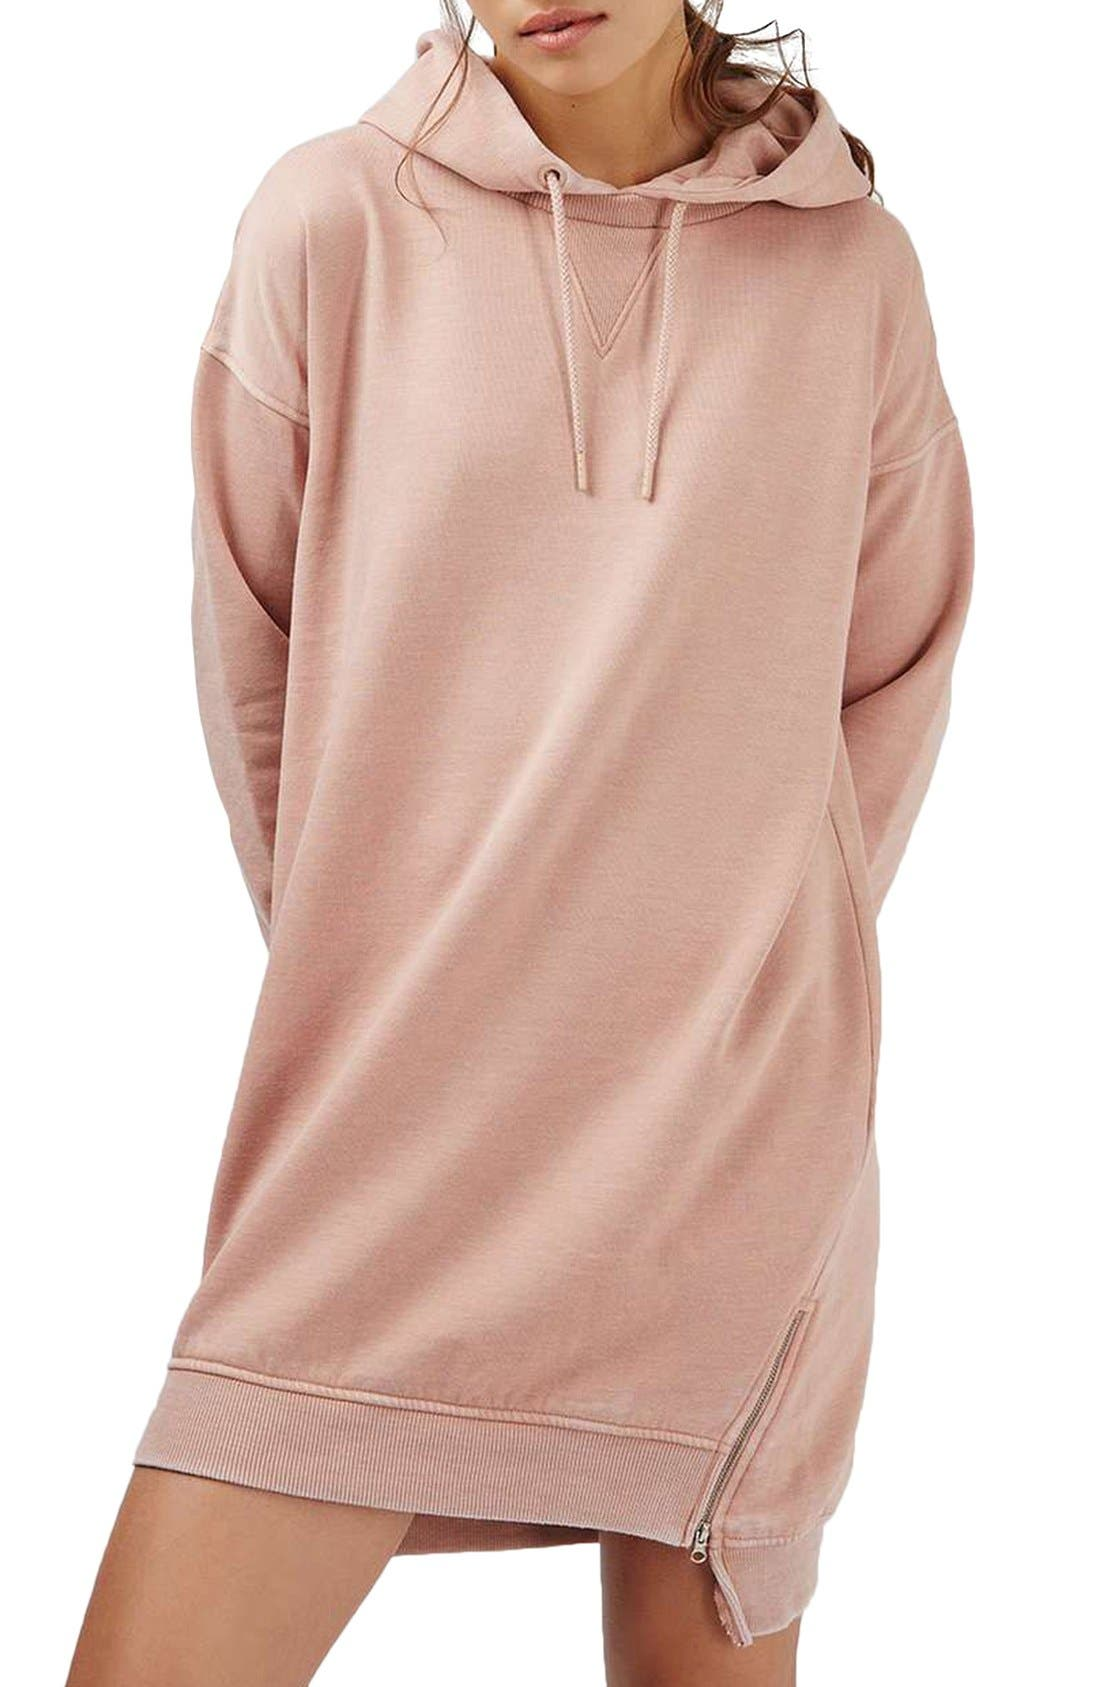 Alternate Image 1 Selected - Topshop Hooded Sweatshirt Dress